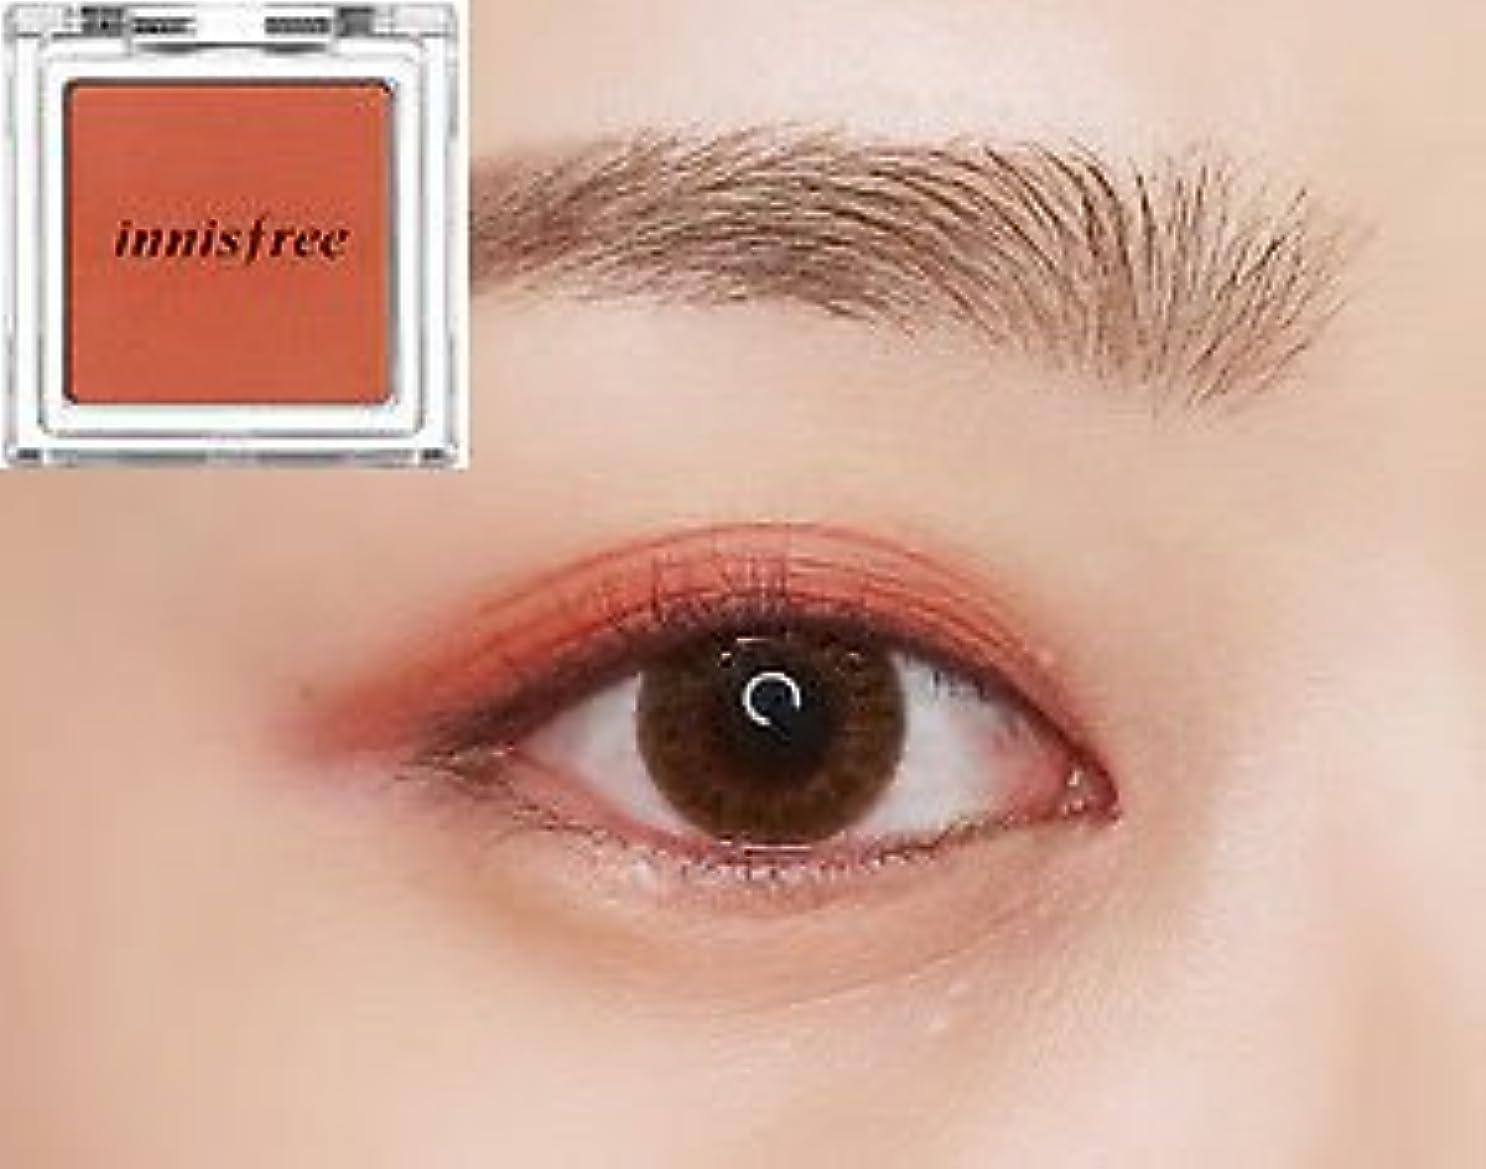 成り立つ中庭失業者[イニスフリー] innisfree [マイ パレット マイ アイシャドウ (マット) 40カラー] MY PALETTE My Eyeshadow (Matte) 40 Shades [海外直送品] (マット #34)